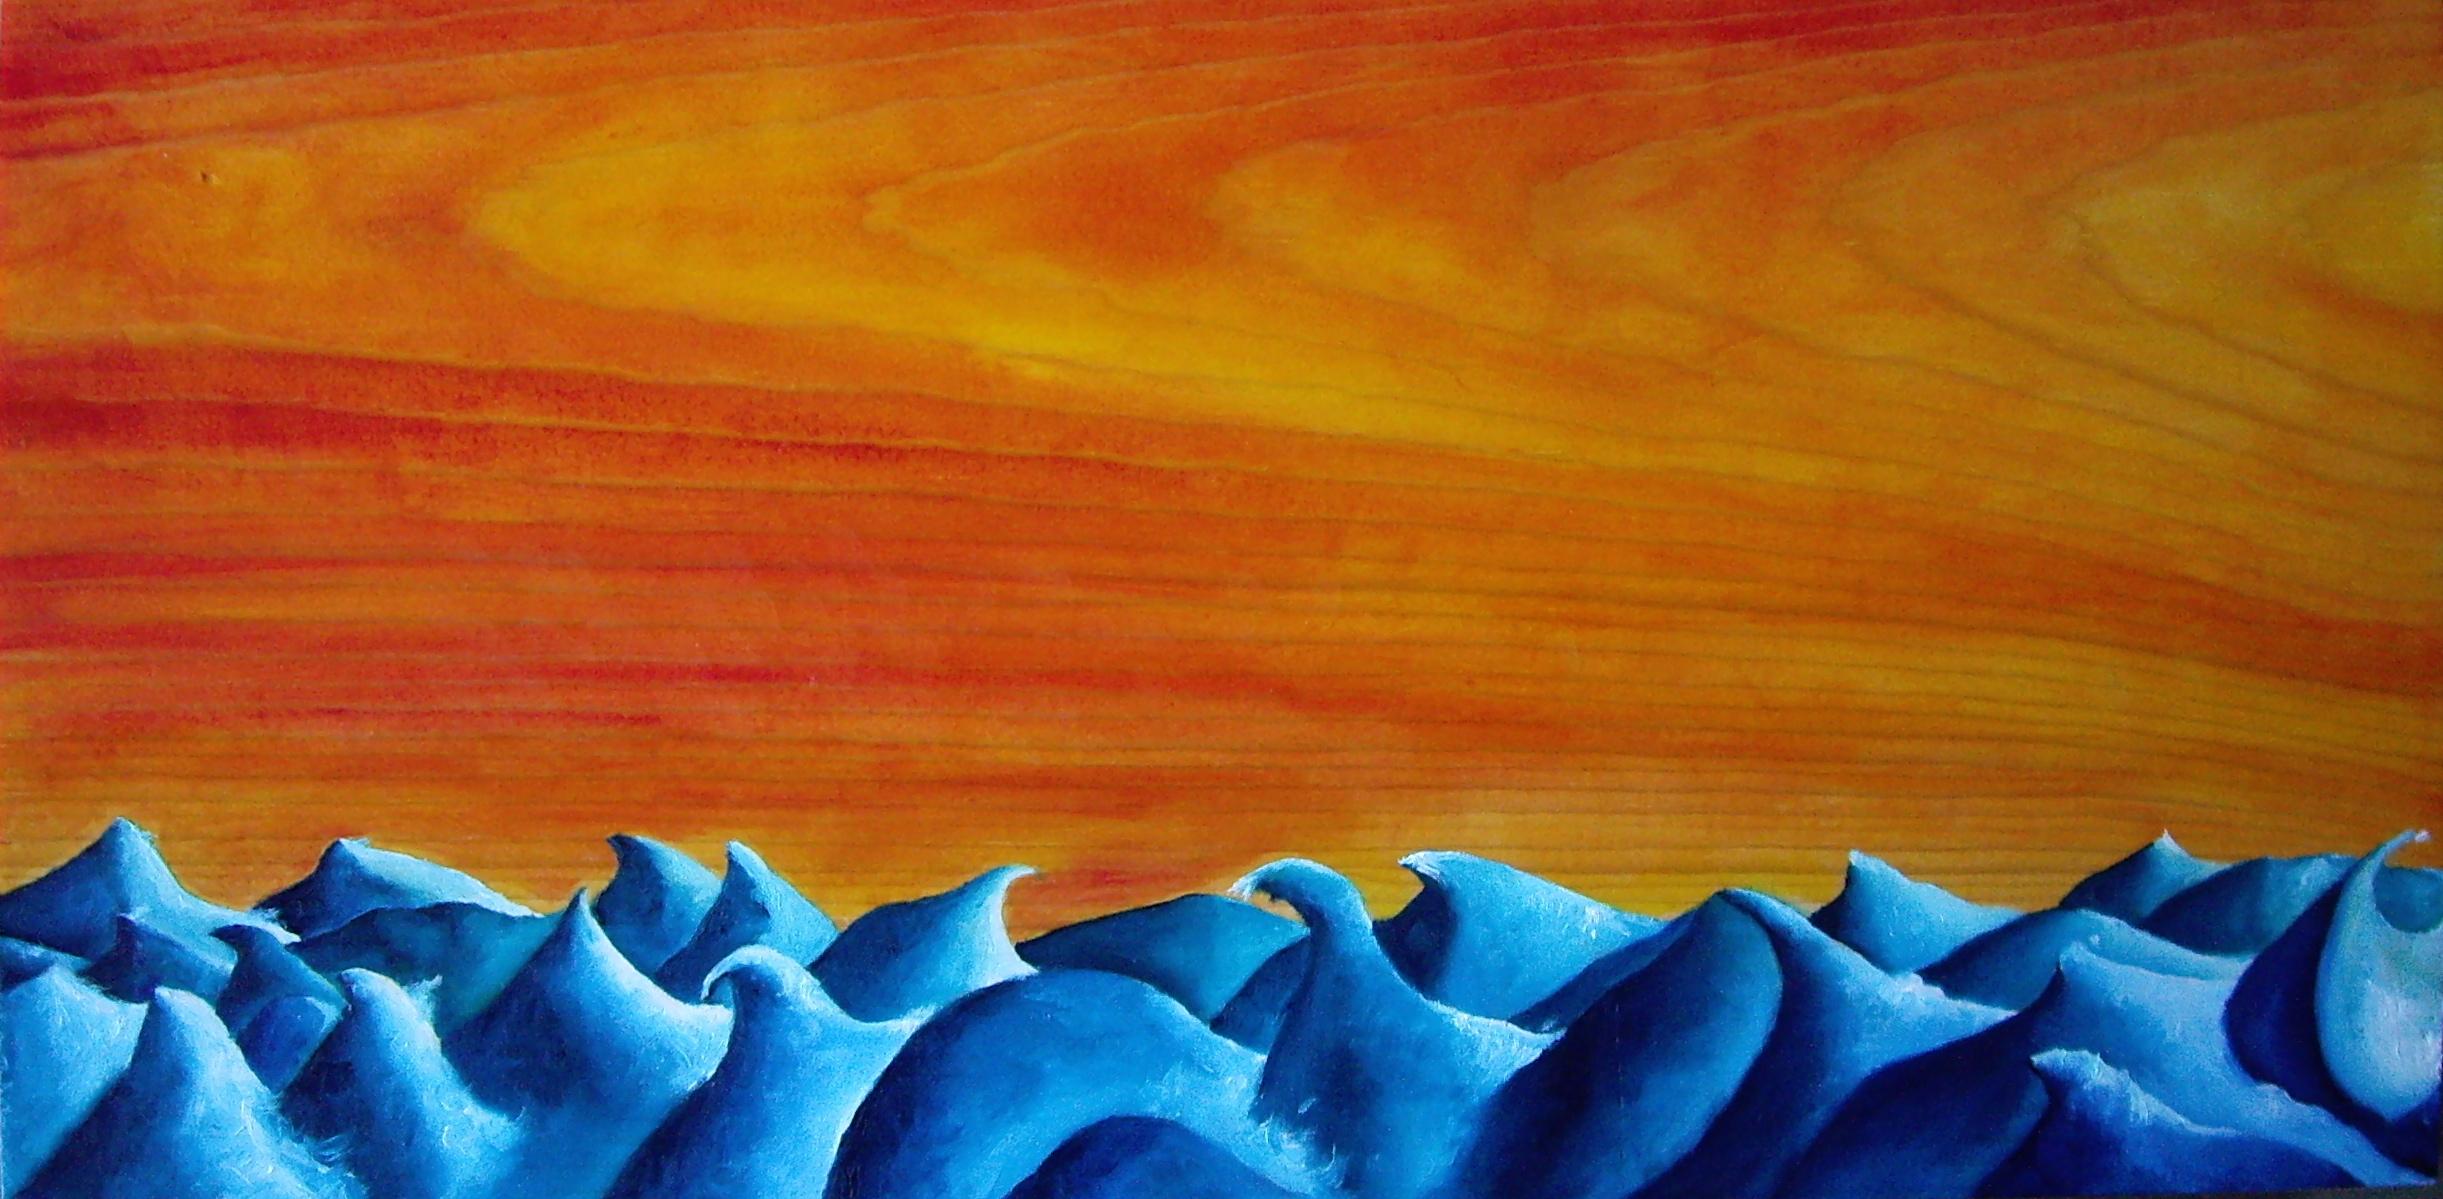 """Waves on Wood. Oil on pine. 15"""" x 7 1/2"""". 2013"""